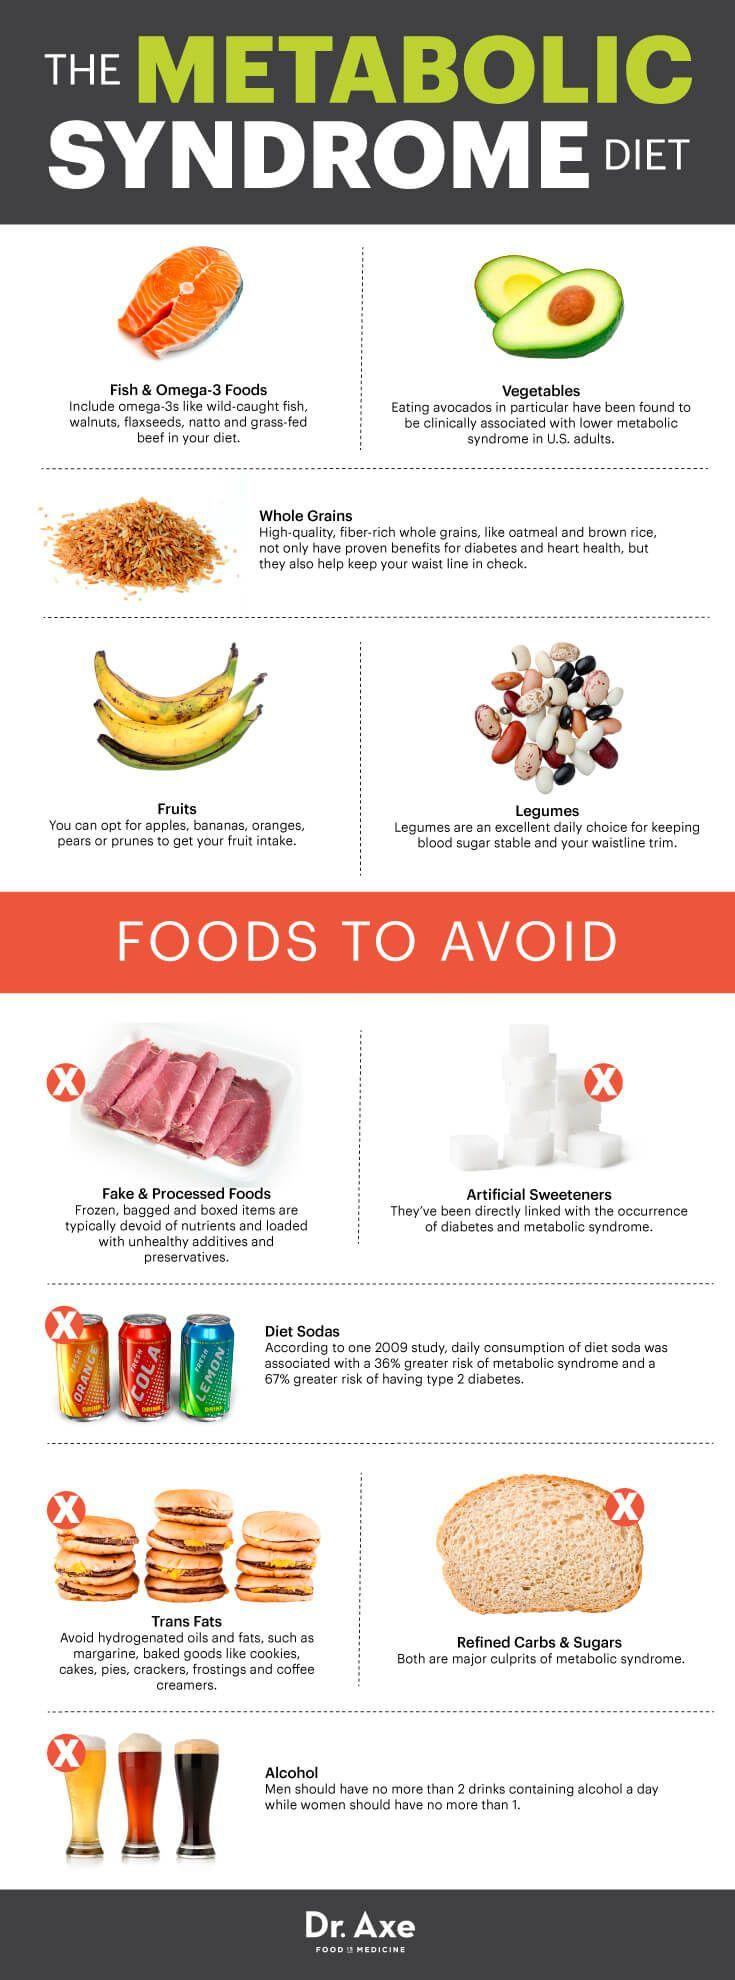 reversing gum disease naturally pdf